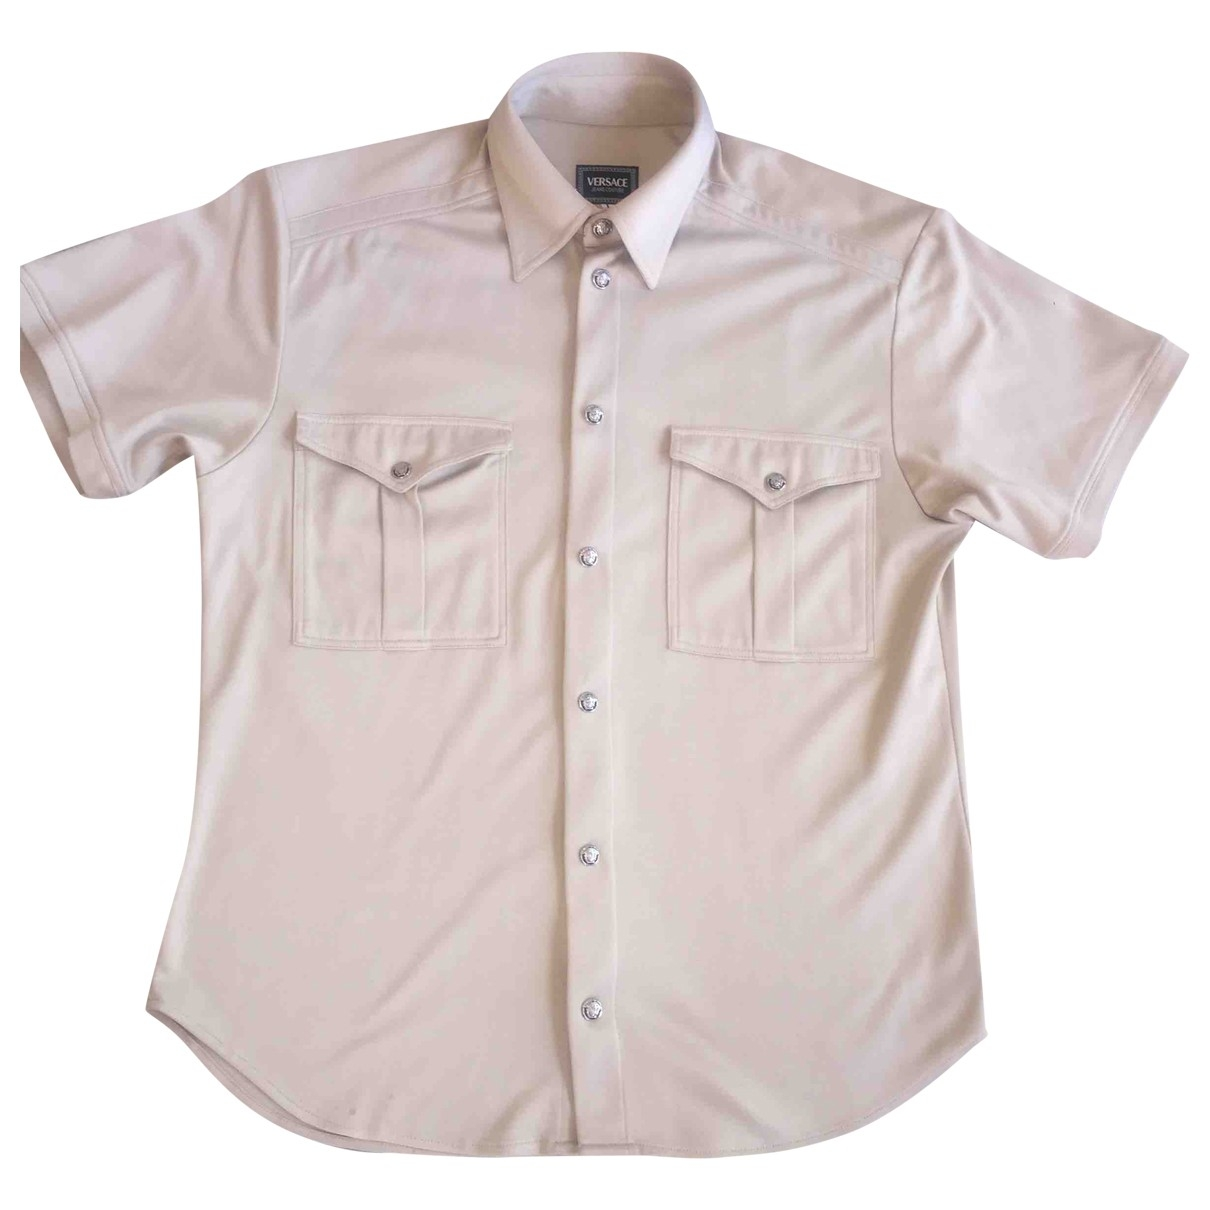 Versace Jean - Chemises   pour homme - beige